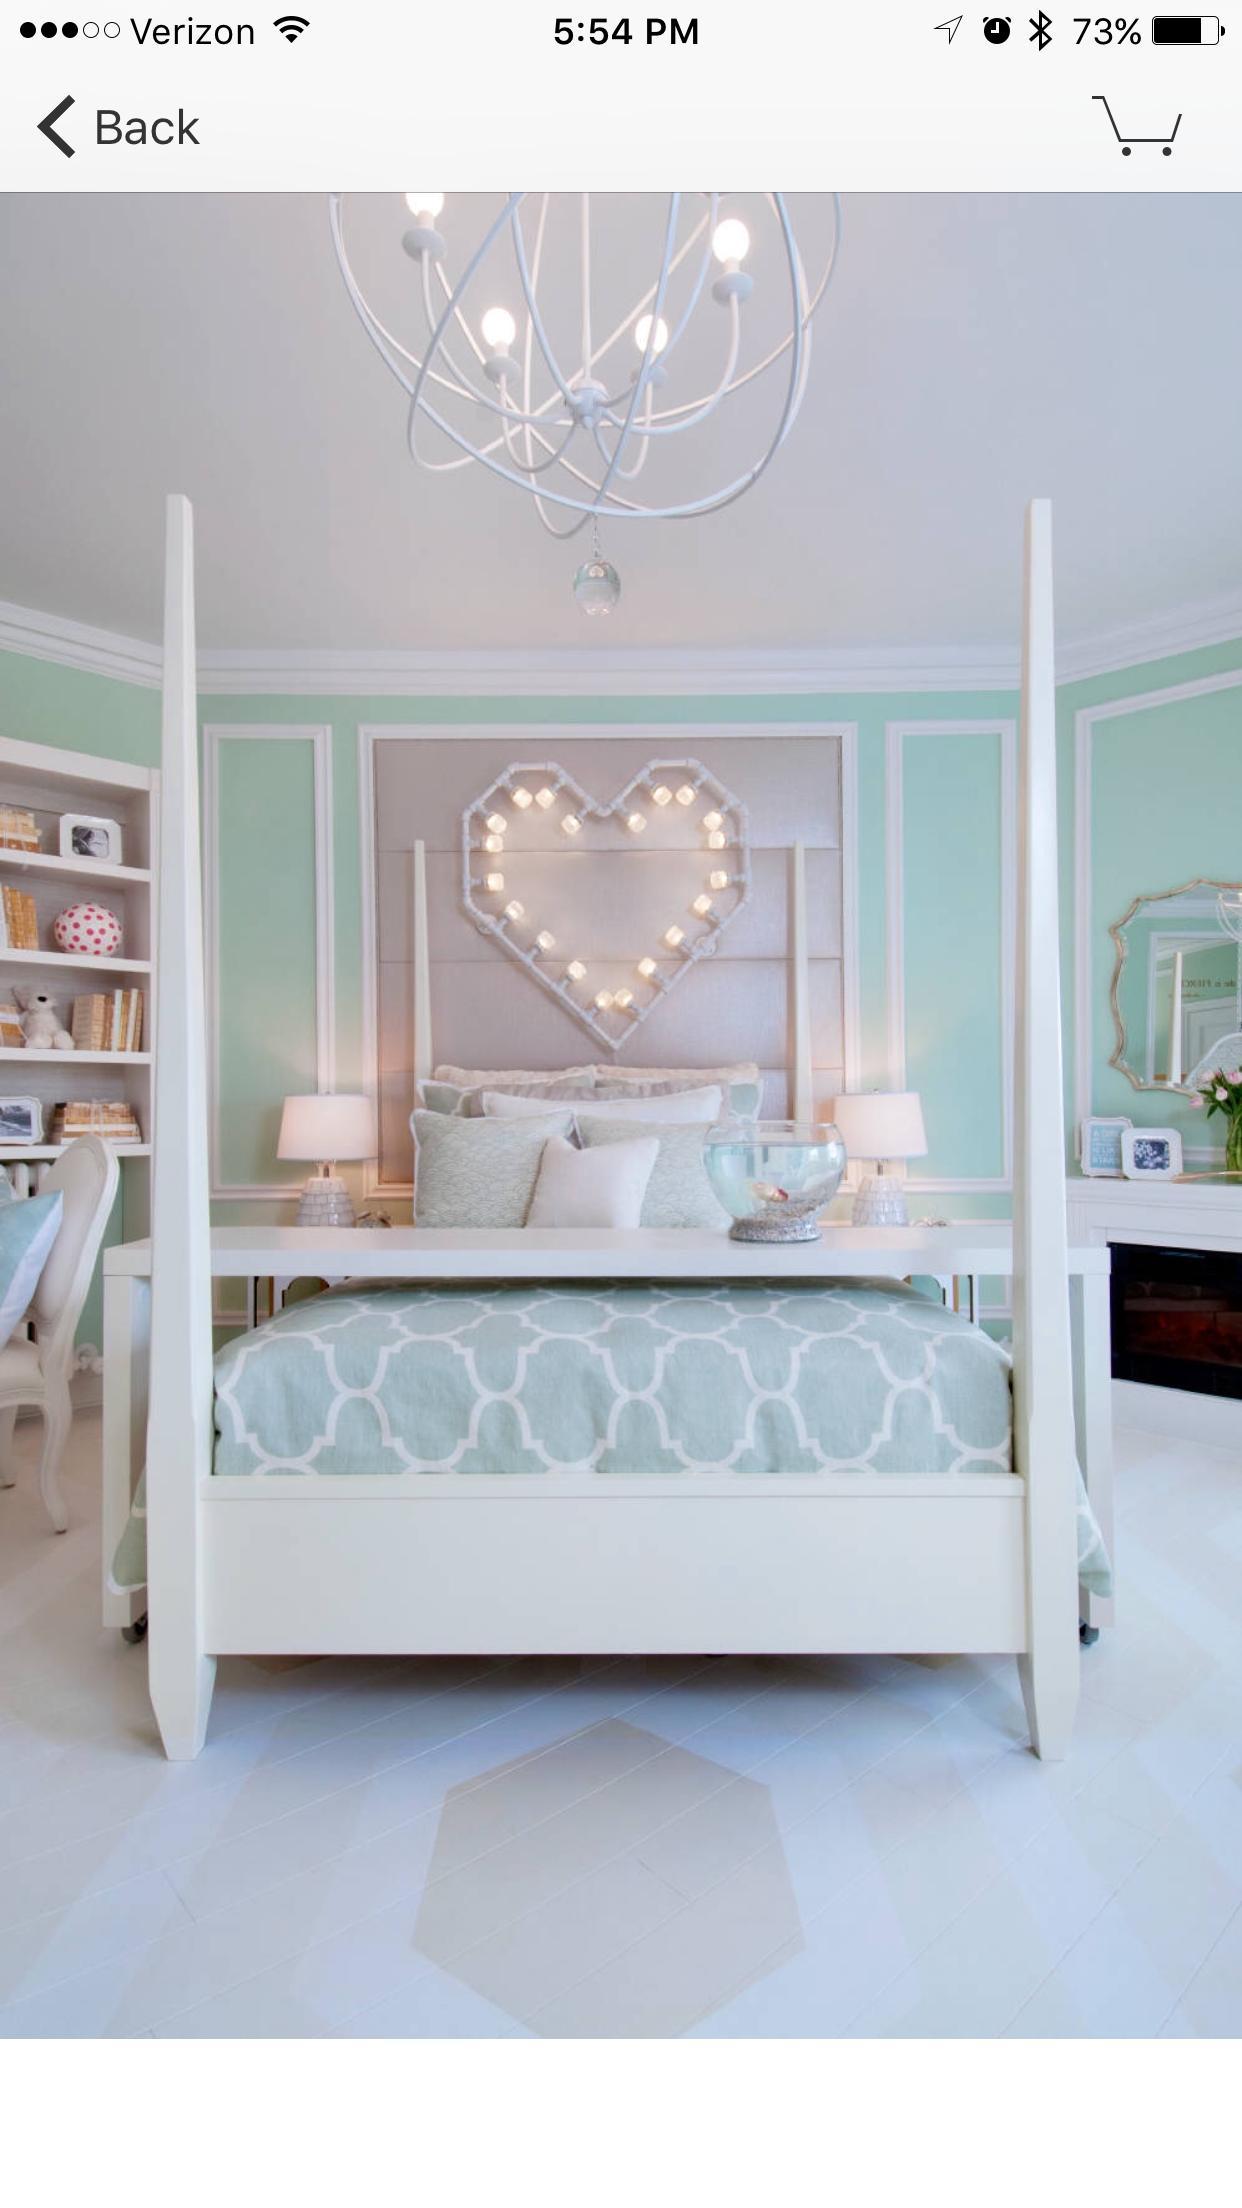 Minzgrüne Schlafzimmer, Schlafzimmer Minze, Schlafzimmerdeko, Traum  Schlafzimmer, Traumzimmer, Coole Schlafzimmer Ideen, Mädchen  Schlafzimmerdesigns, ...